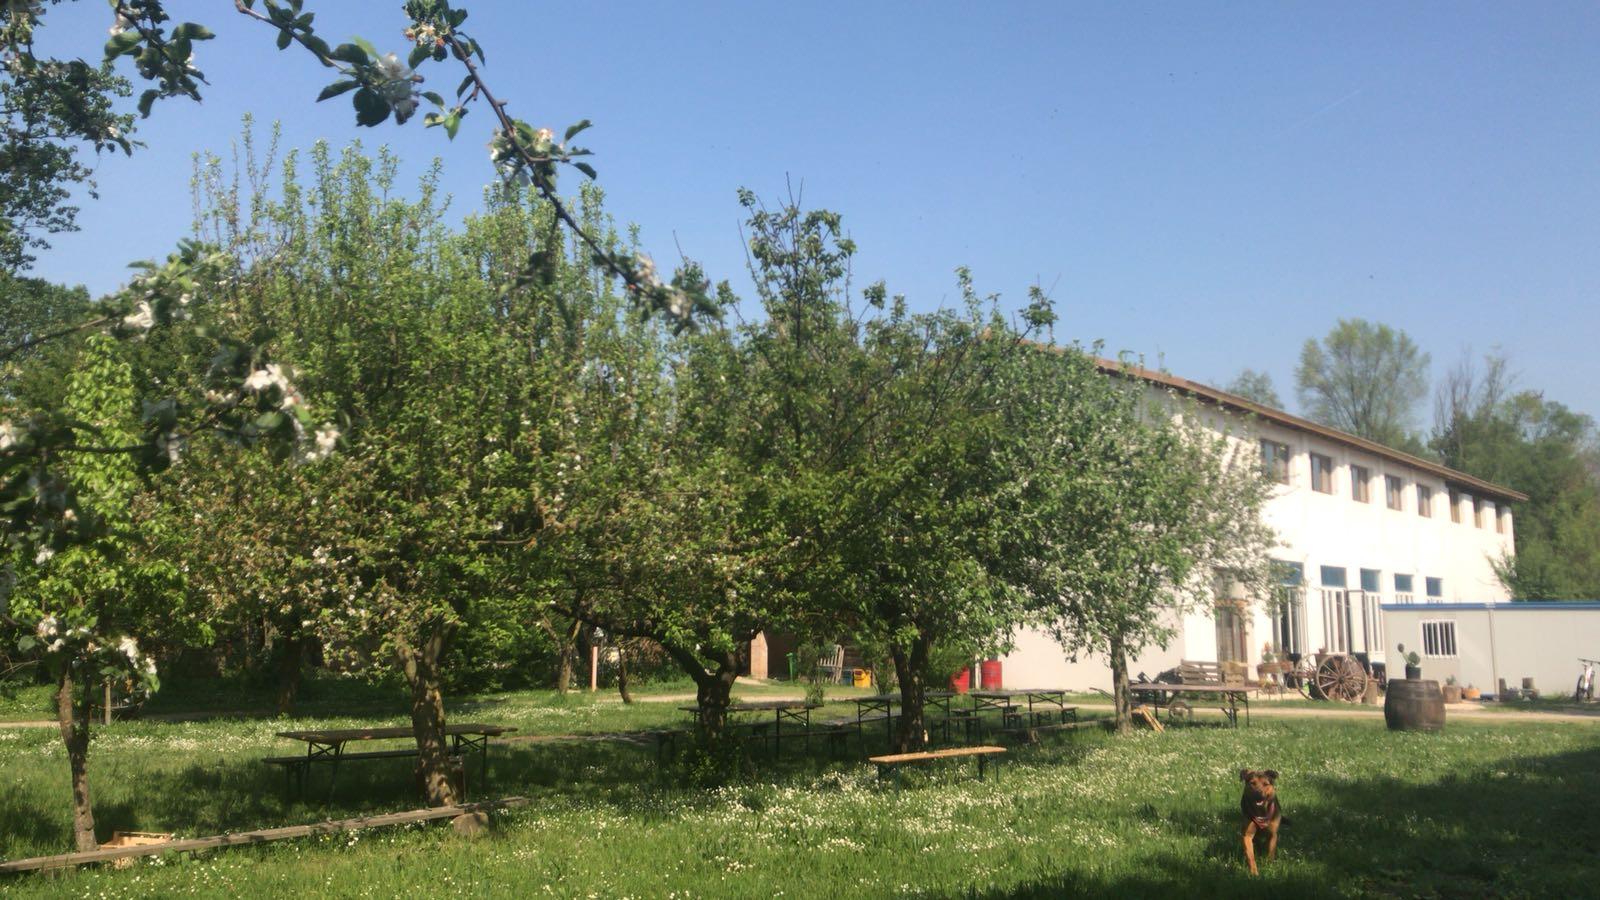 fattoria biologica, scambio di ospitalità, vitto e alloggio, fattoria didattica, sociale, workaway, helpx, wwoof, volonturismo,